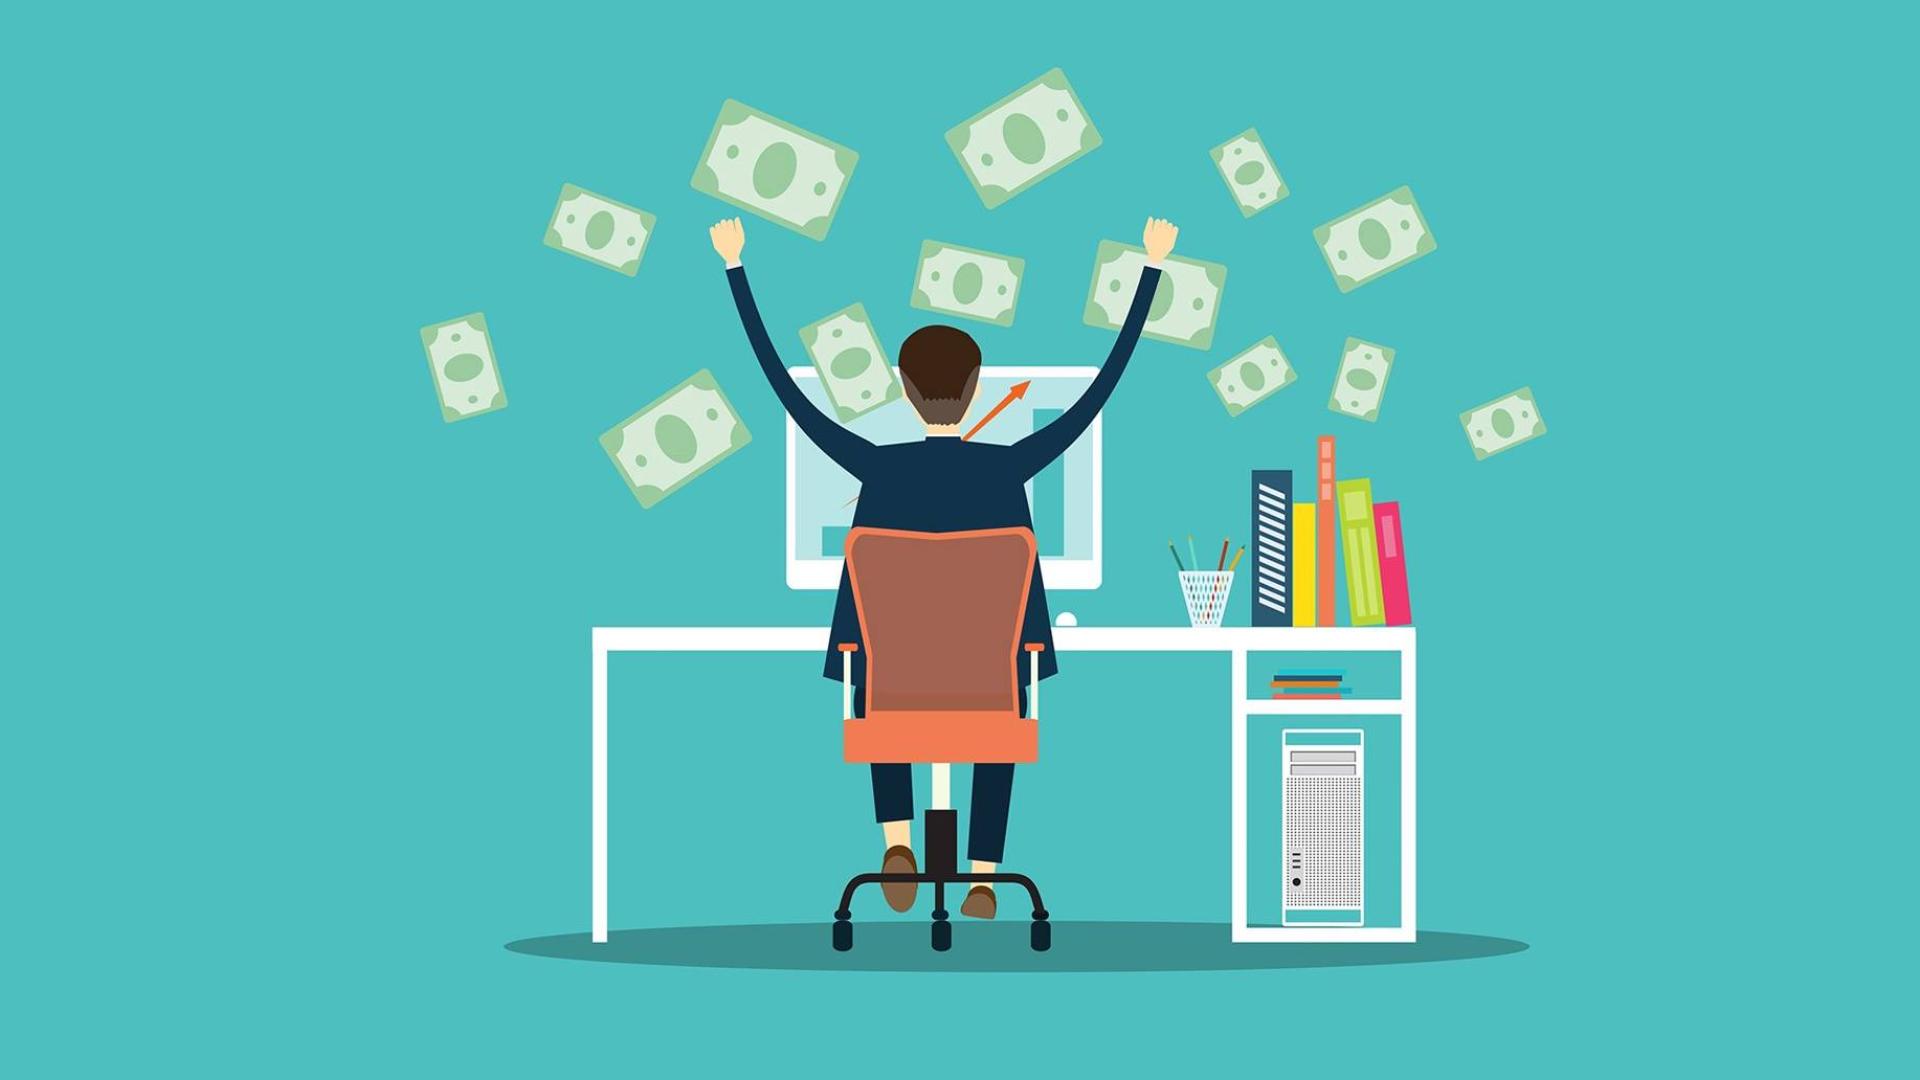 思维+ 指数基金 最笨的方法跑赢职业投资者